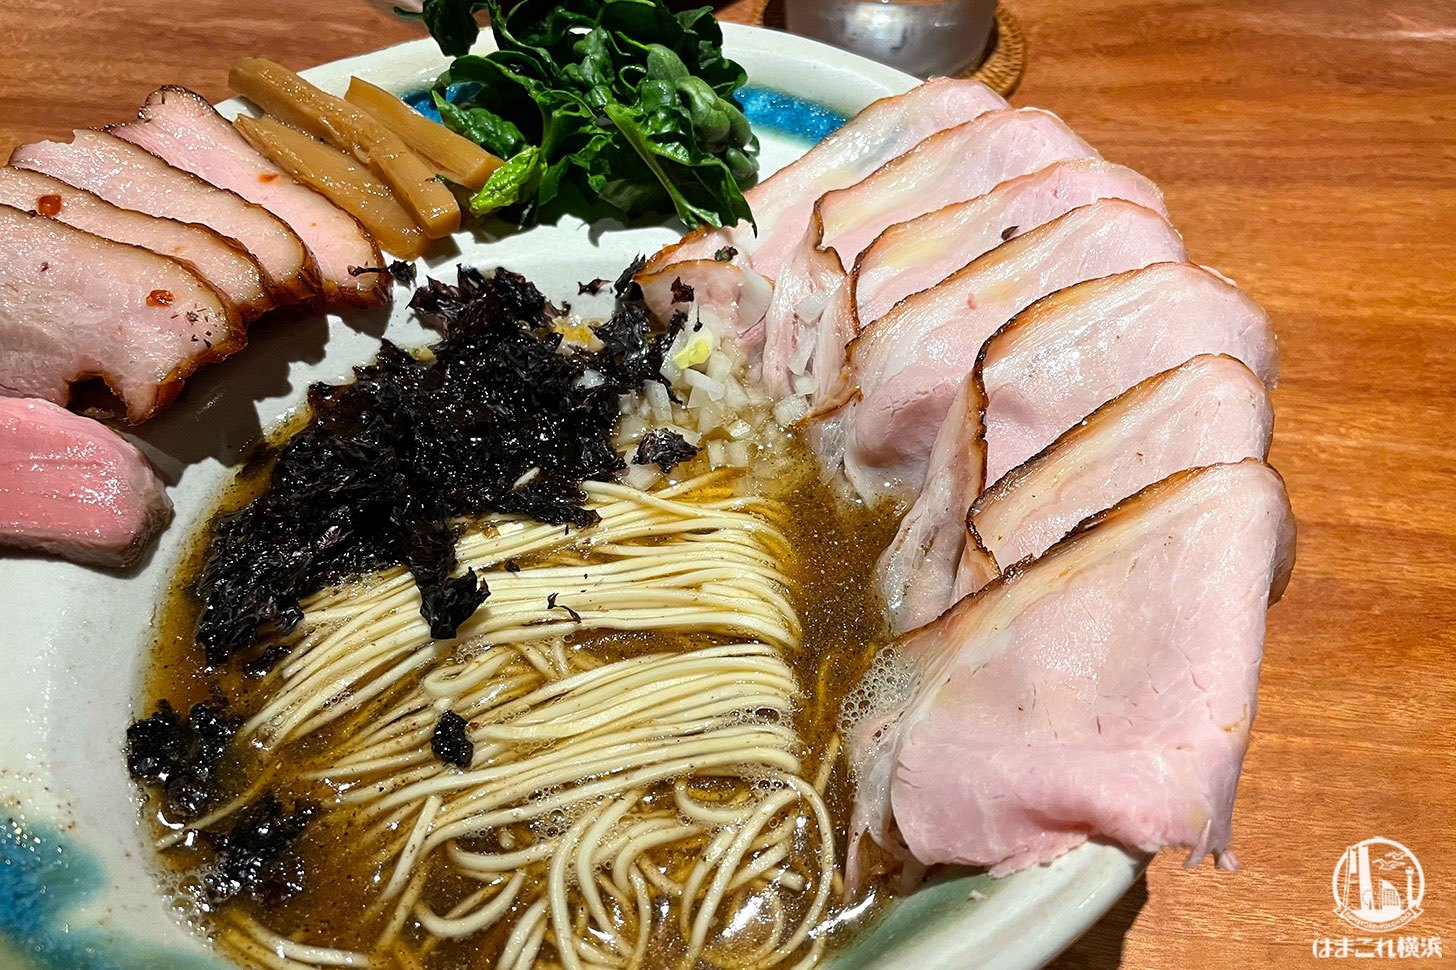 エレガントな煮干拉麺 豚ロース